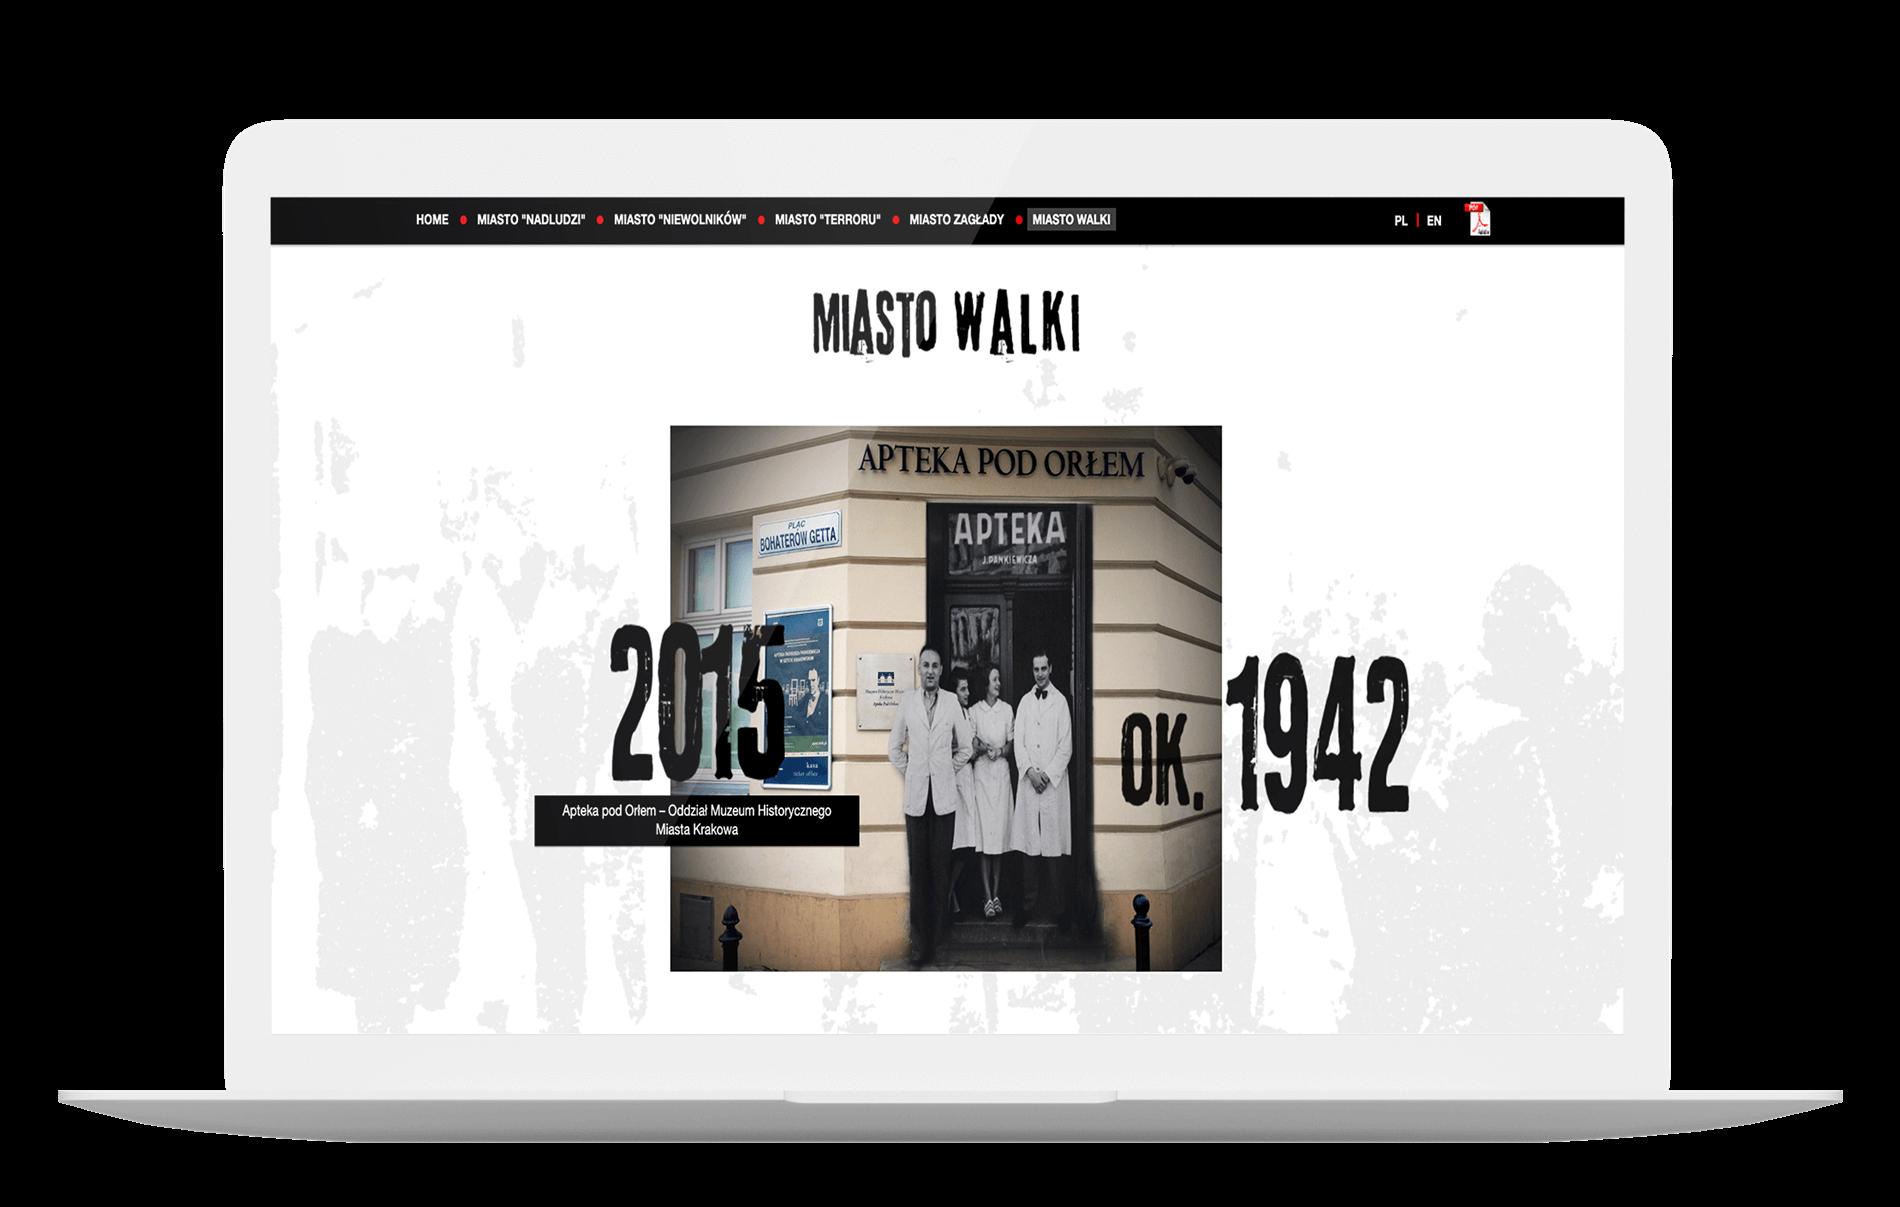 Projekt realizowany dla Instytutu Pamięci Narodowej stanowiący animowany pomost pomiędzy dzisiejszą rzeczywistością a czasem drugiej wojny światowej.